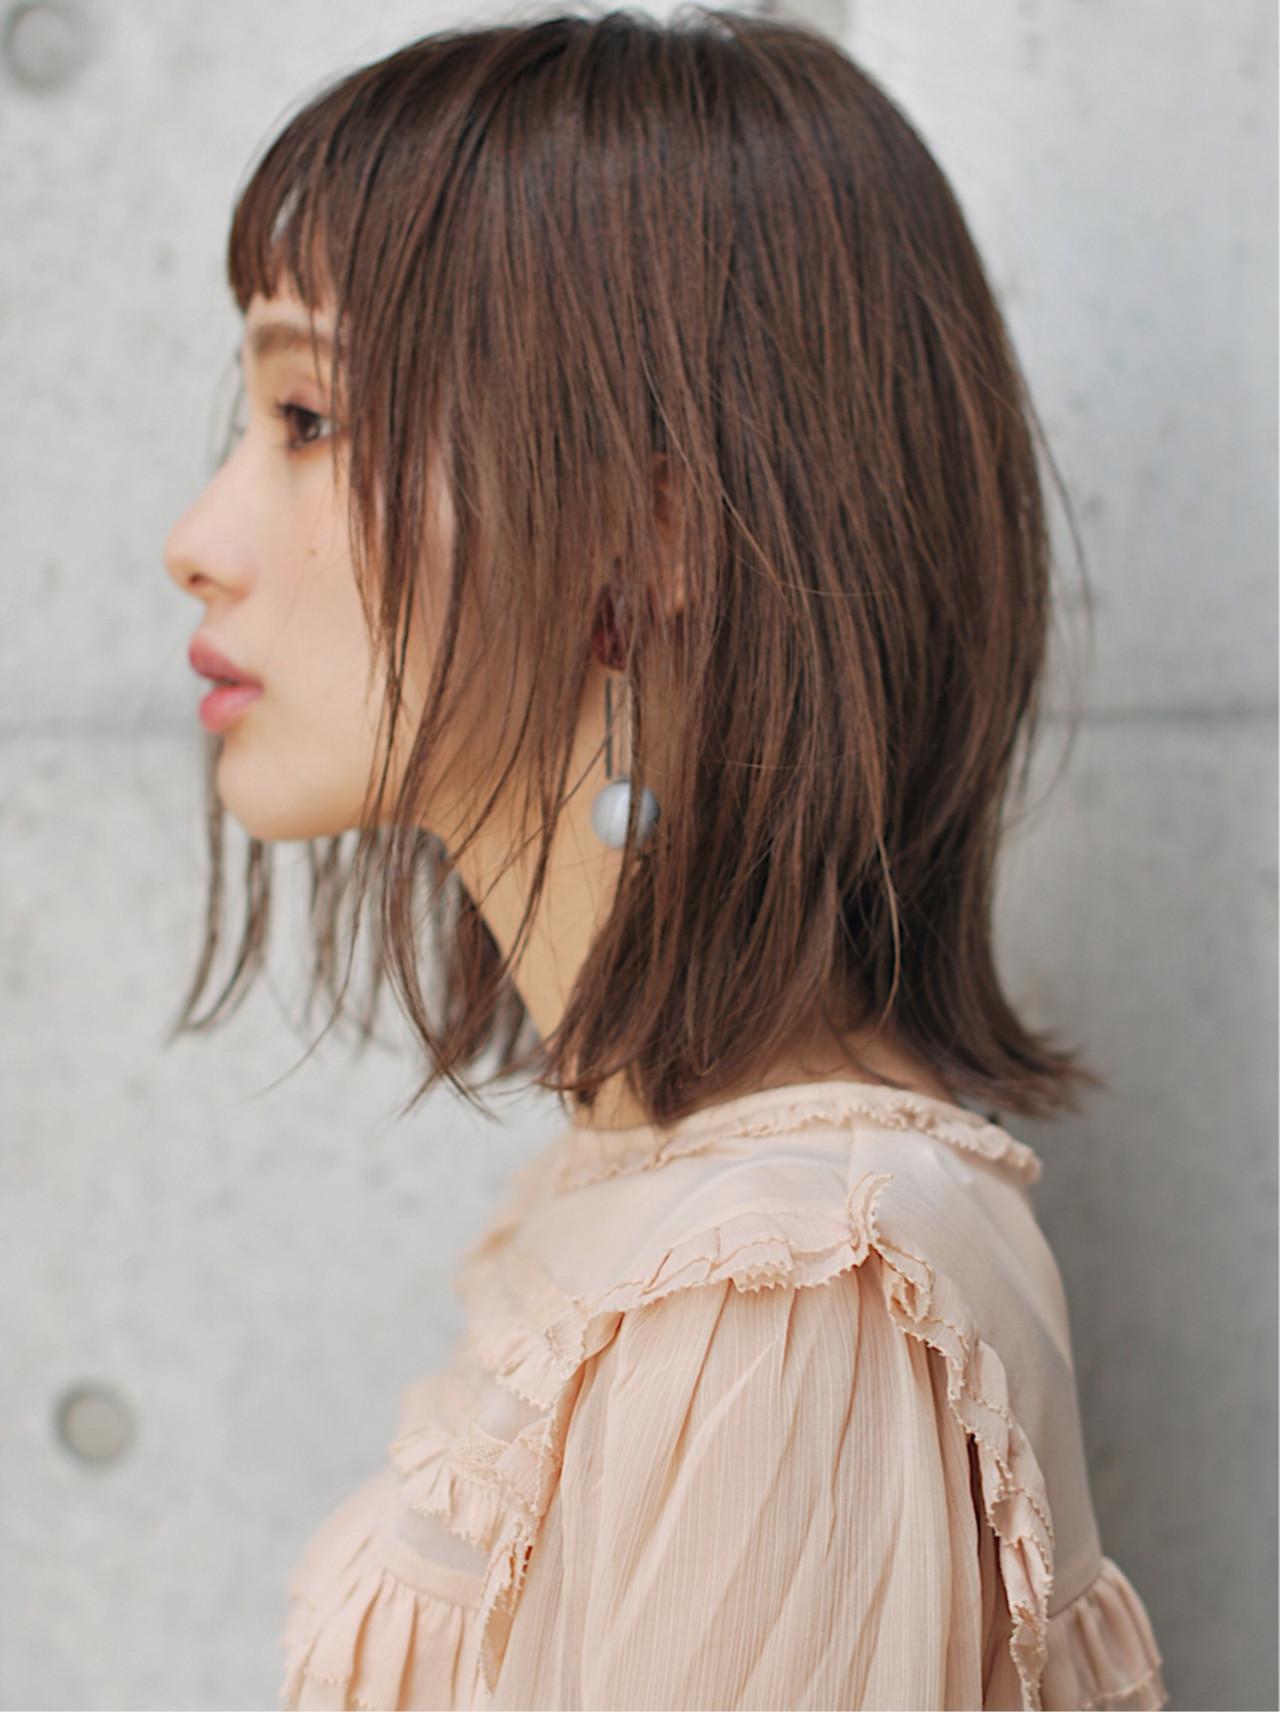 ミルクティーベージュ 透明感 ロブ ナチュラル ヘアスタイルや髪型の写真・画像